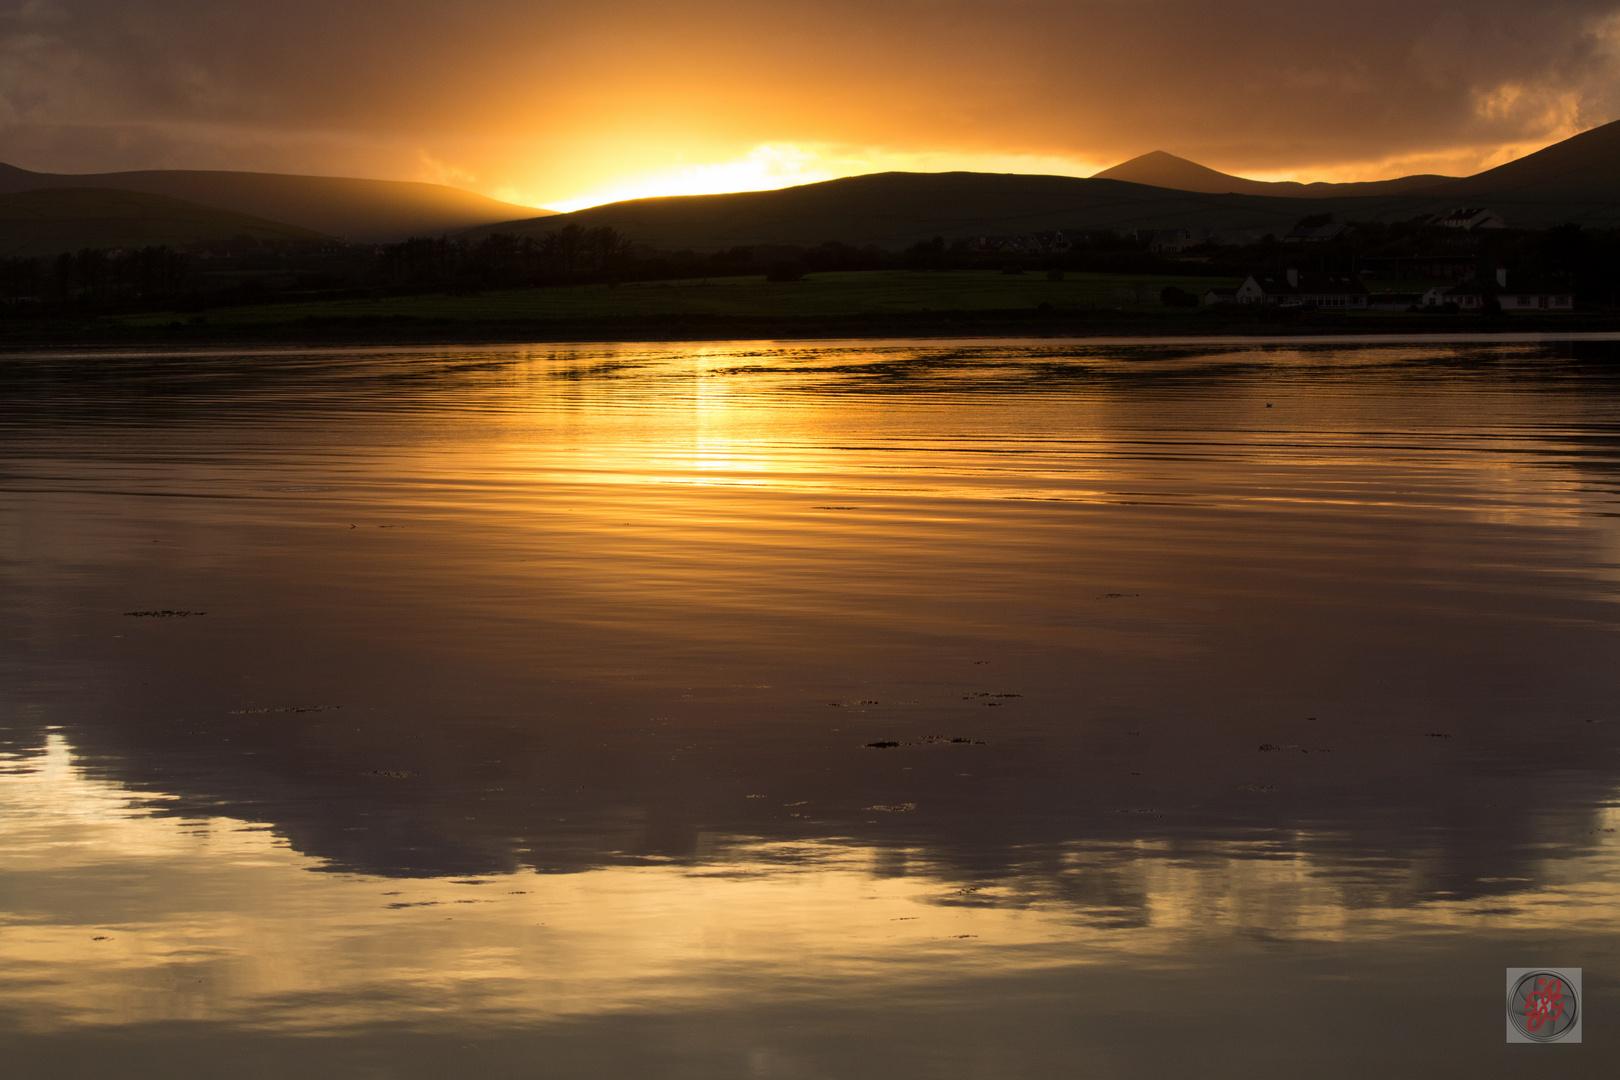 Dingle Harbour, Irland Abendstimmung - Photoshop nicht erforderlich